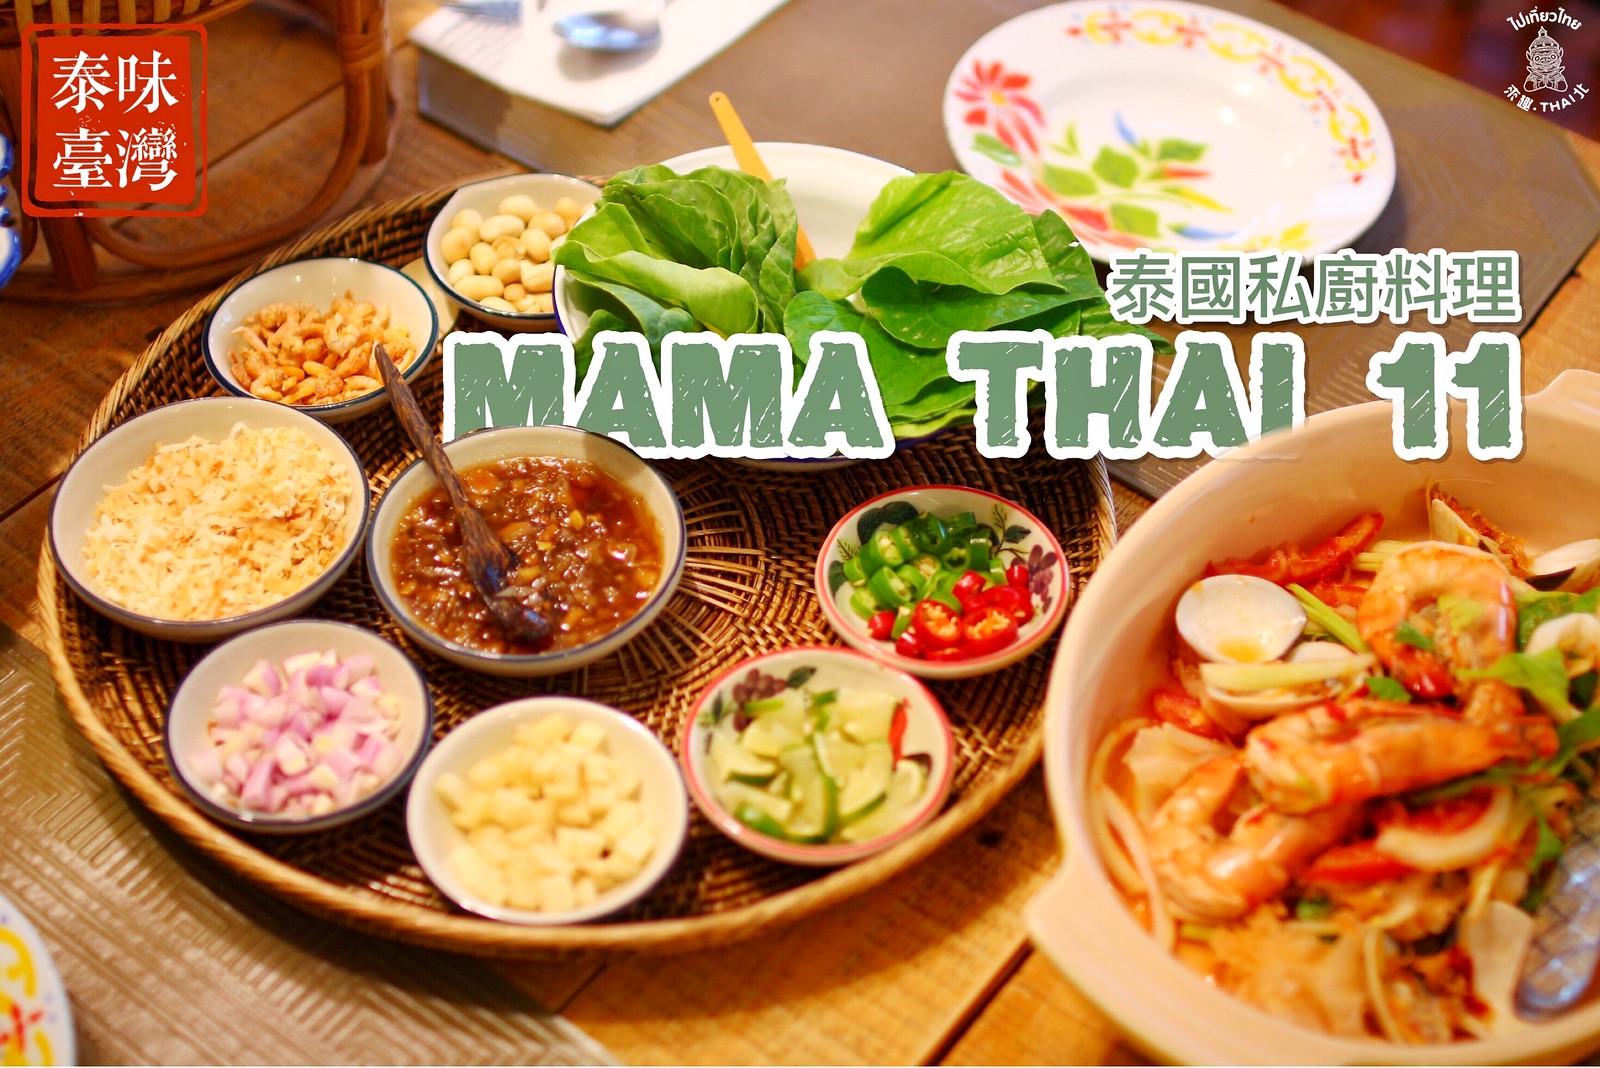 傳承自媽媽的超道地泰式料理私廚《Mama thai 11》